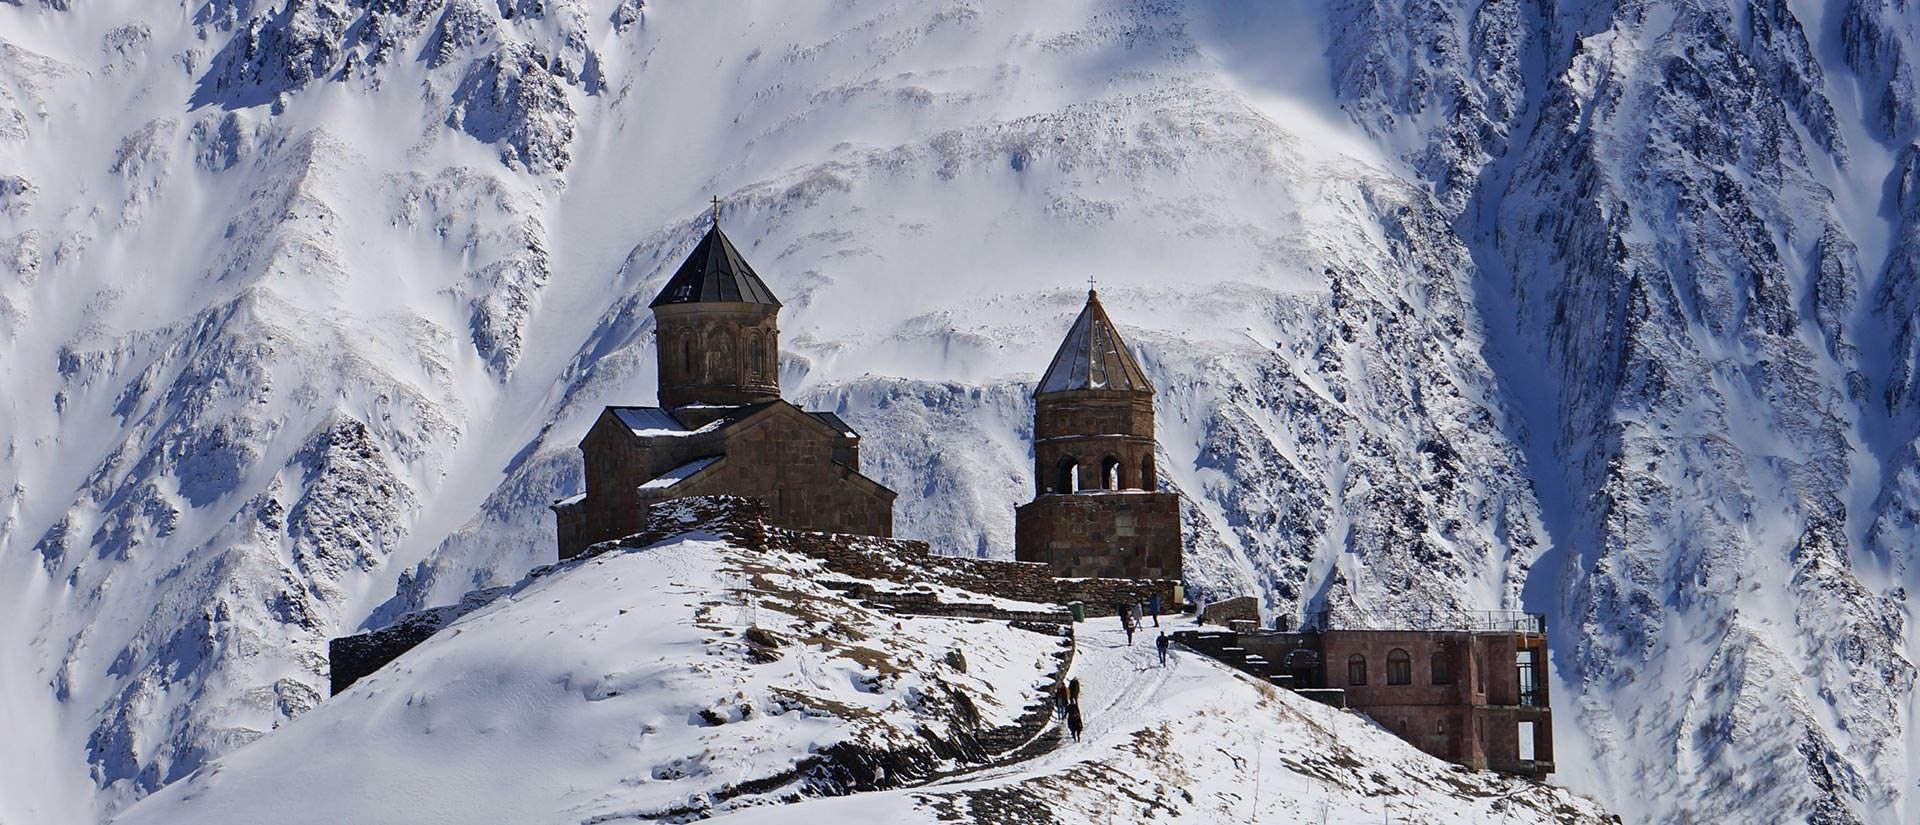 טיול לגאורגיה - סמינר מטייל לגיאורגיה